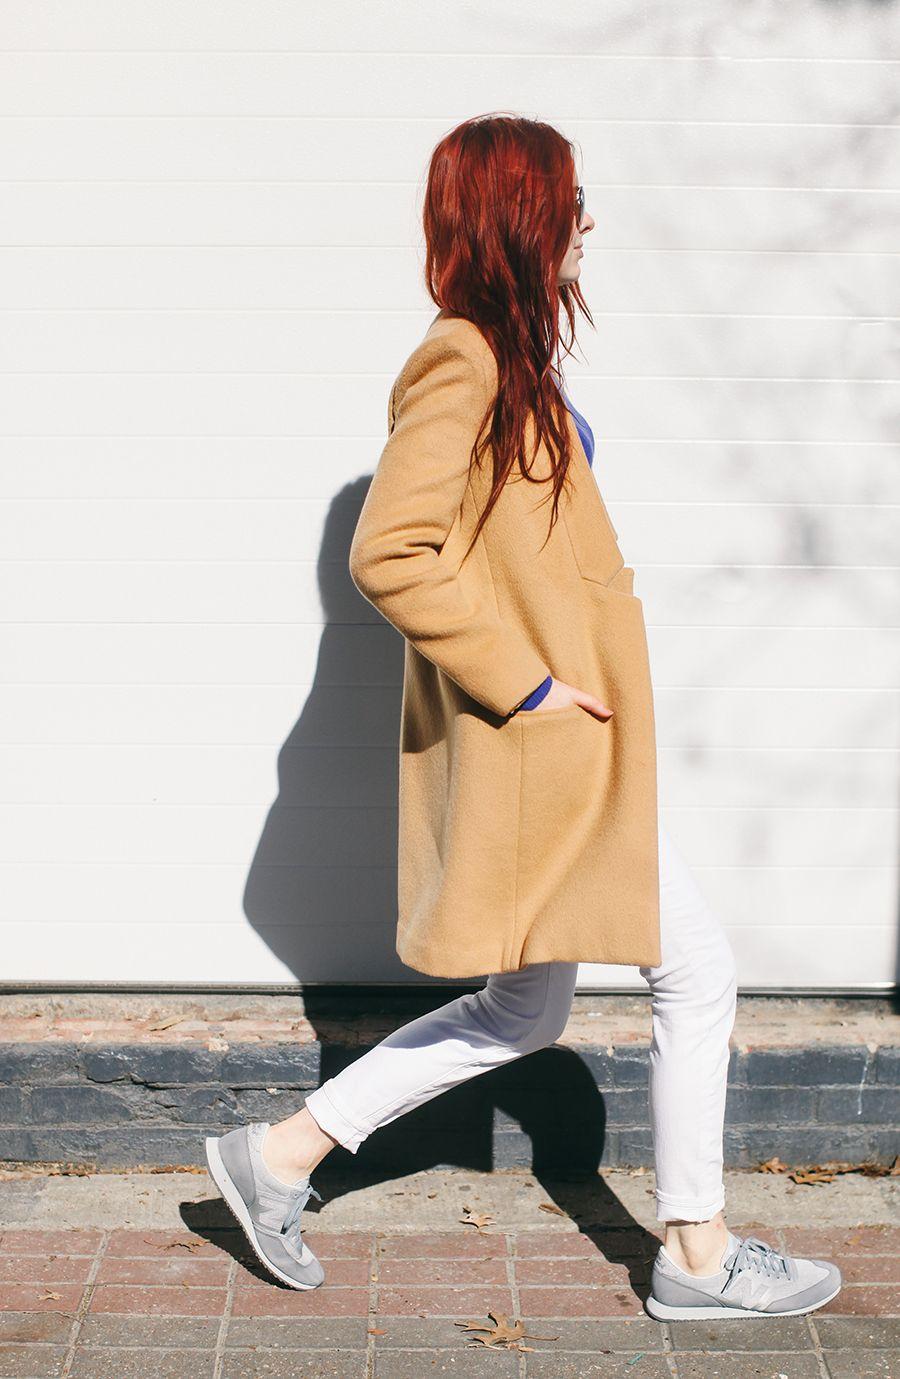 camel coat + sneakers